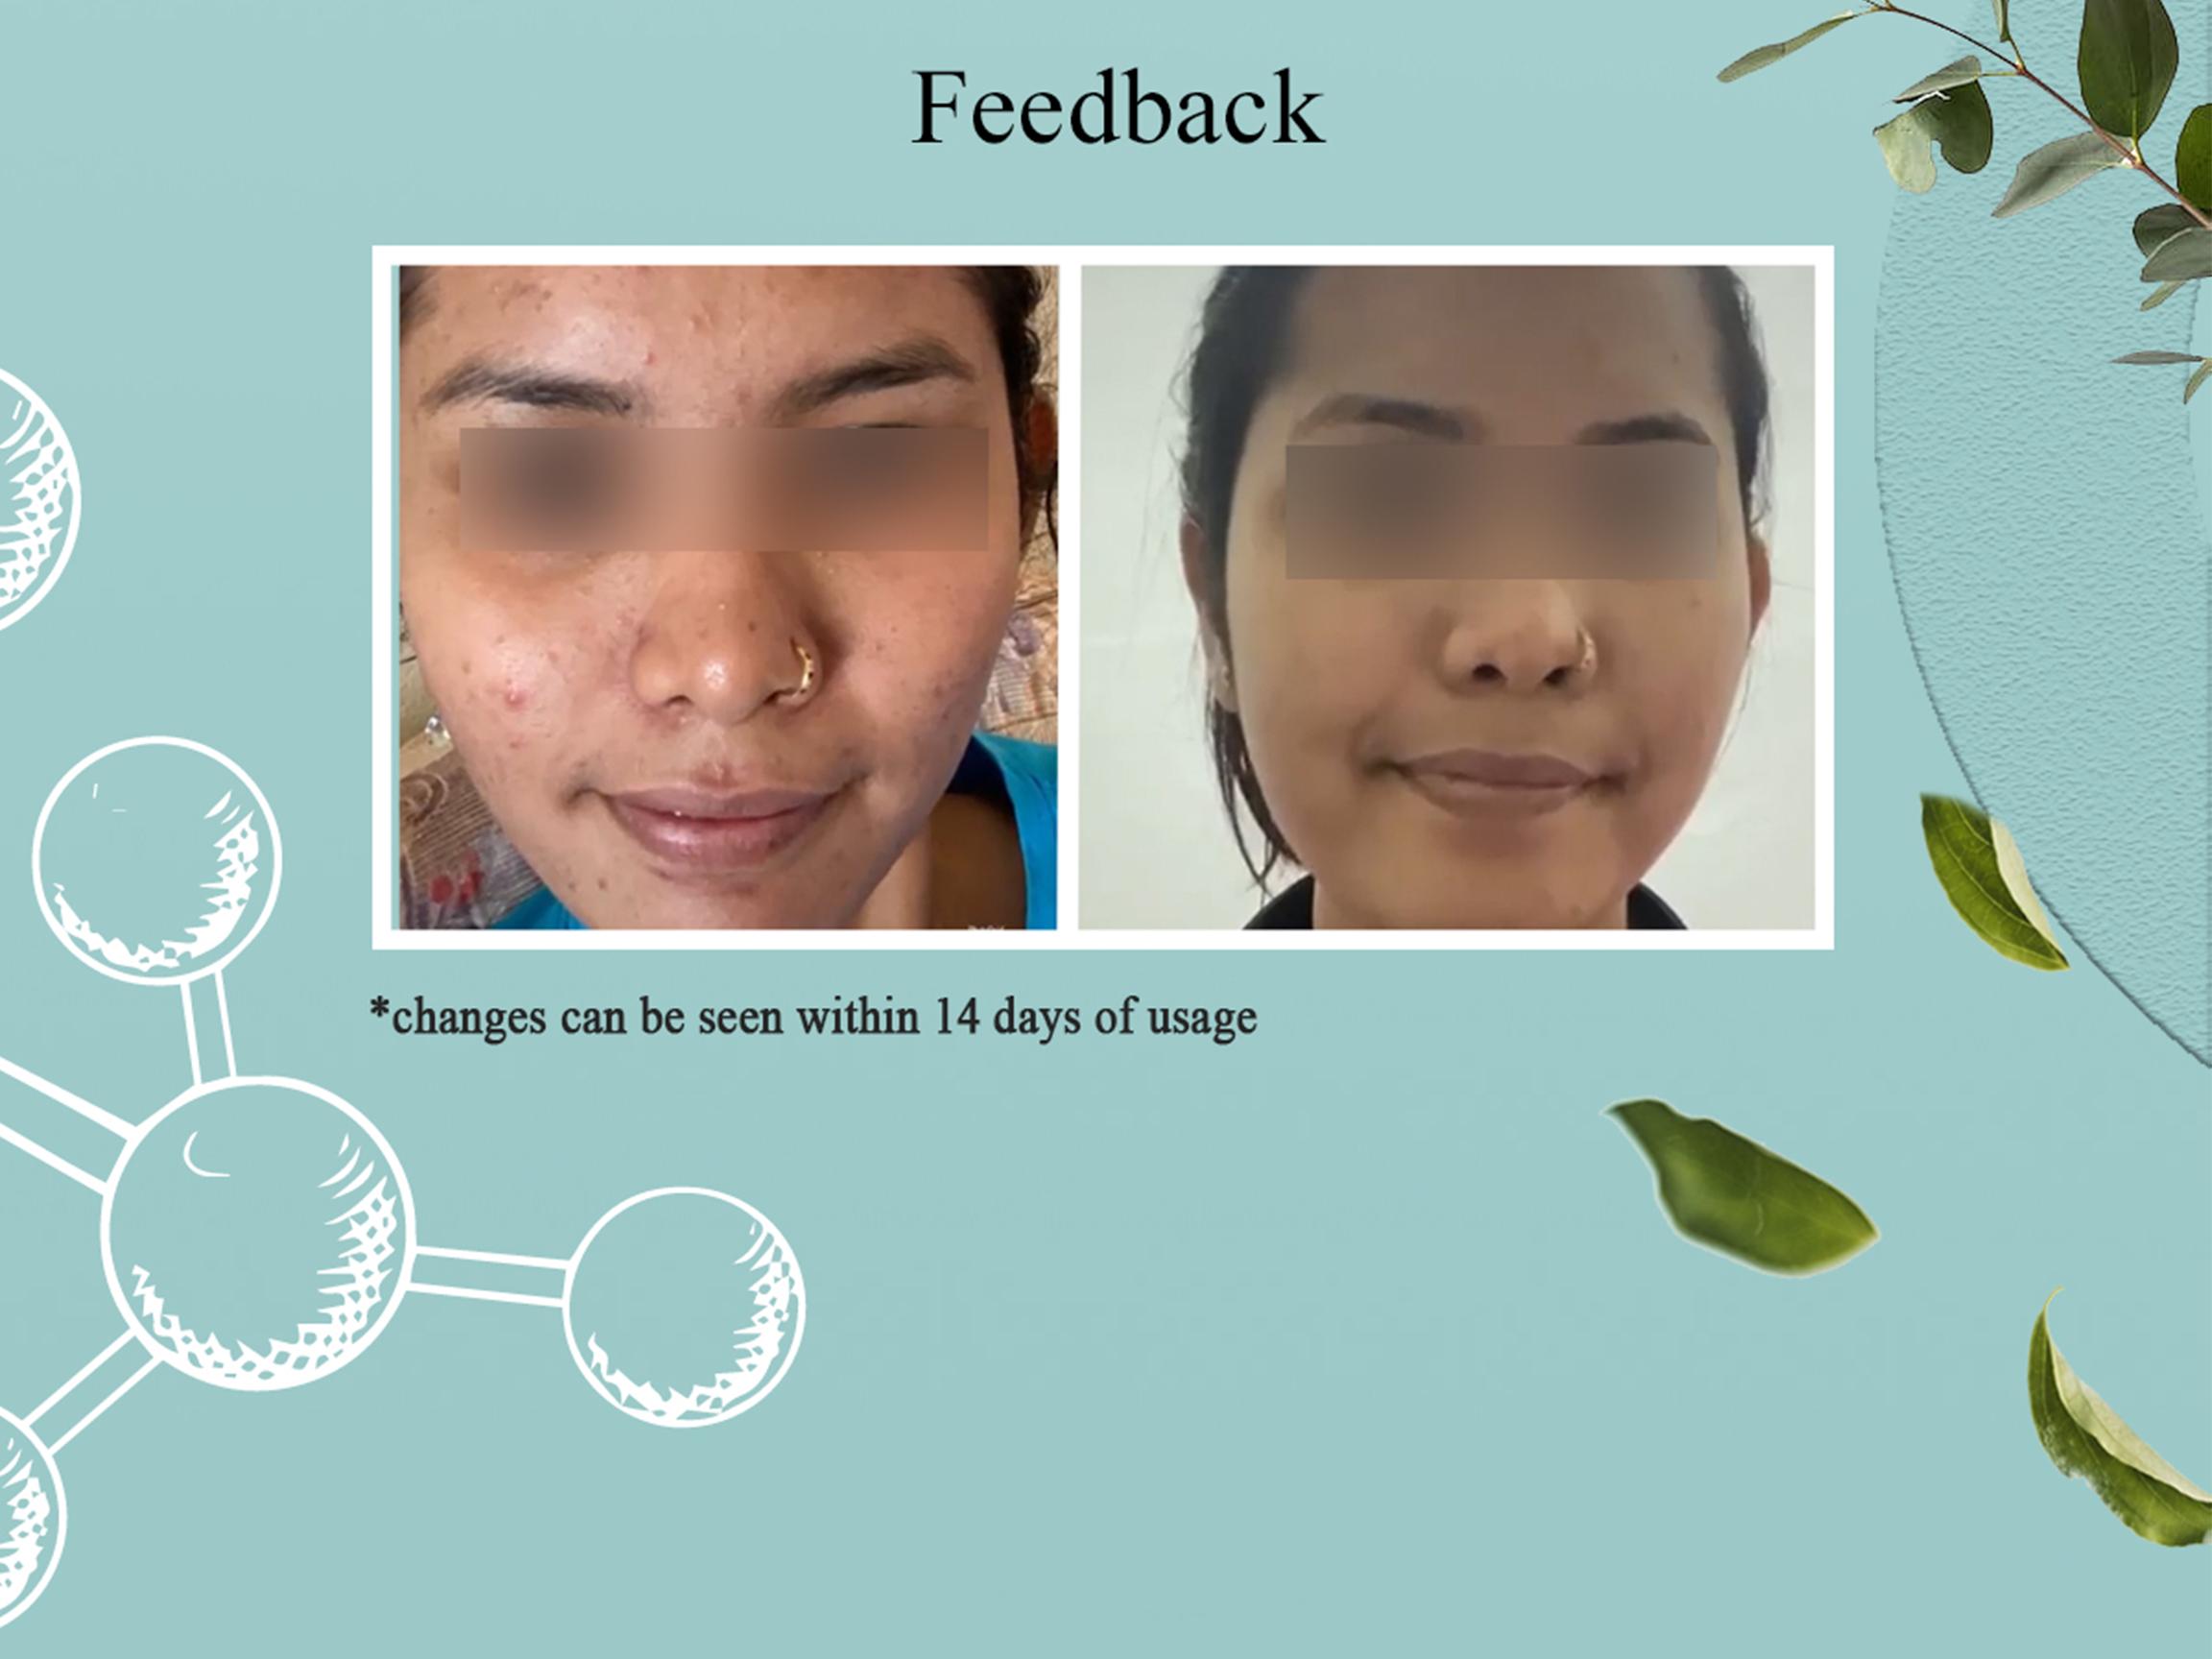 acne-feedback